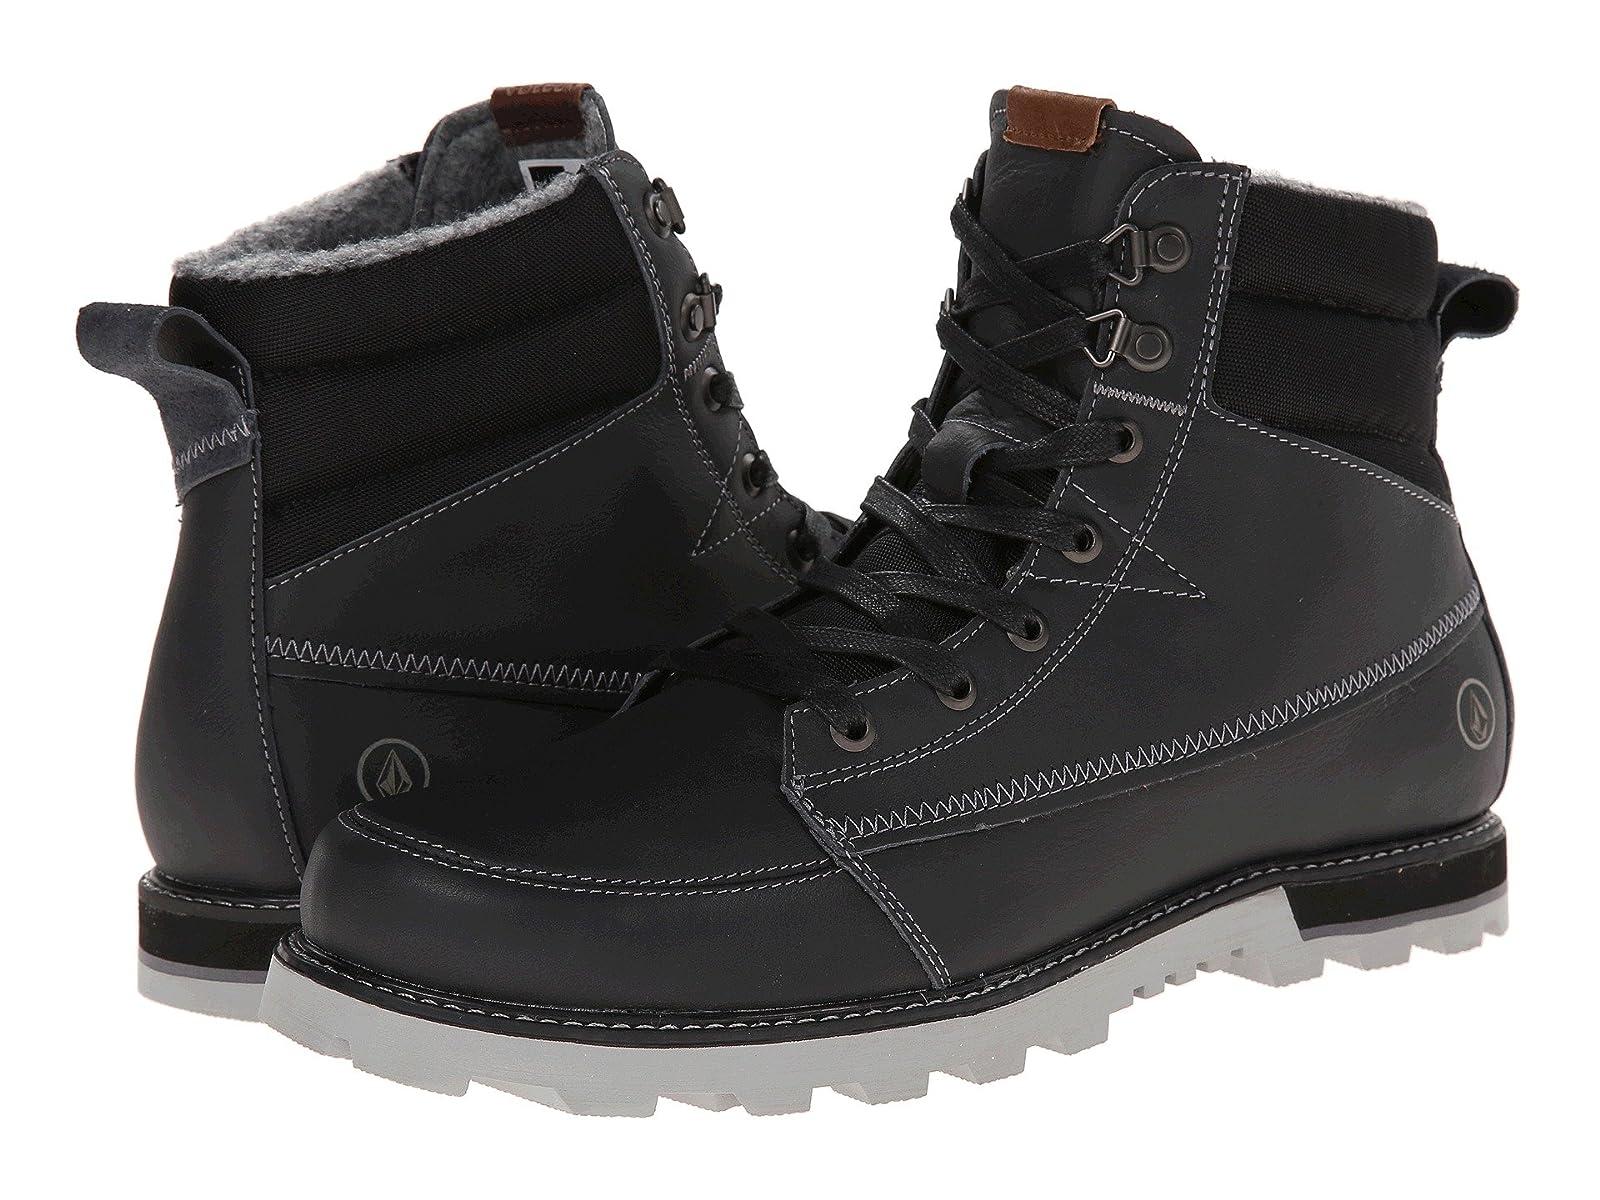 Volcom Sub Zero 2Economical and quality shoes